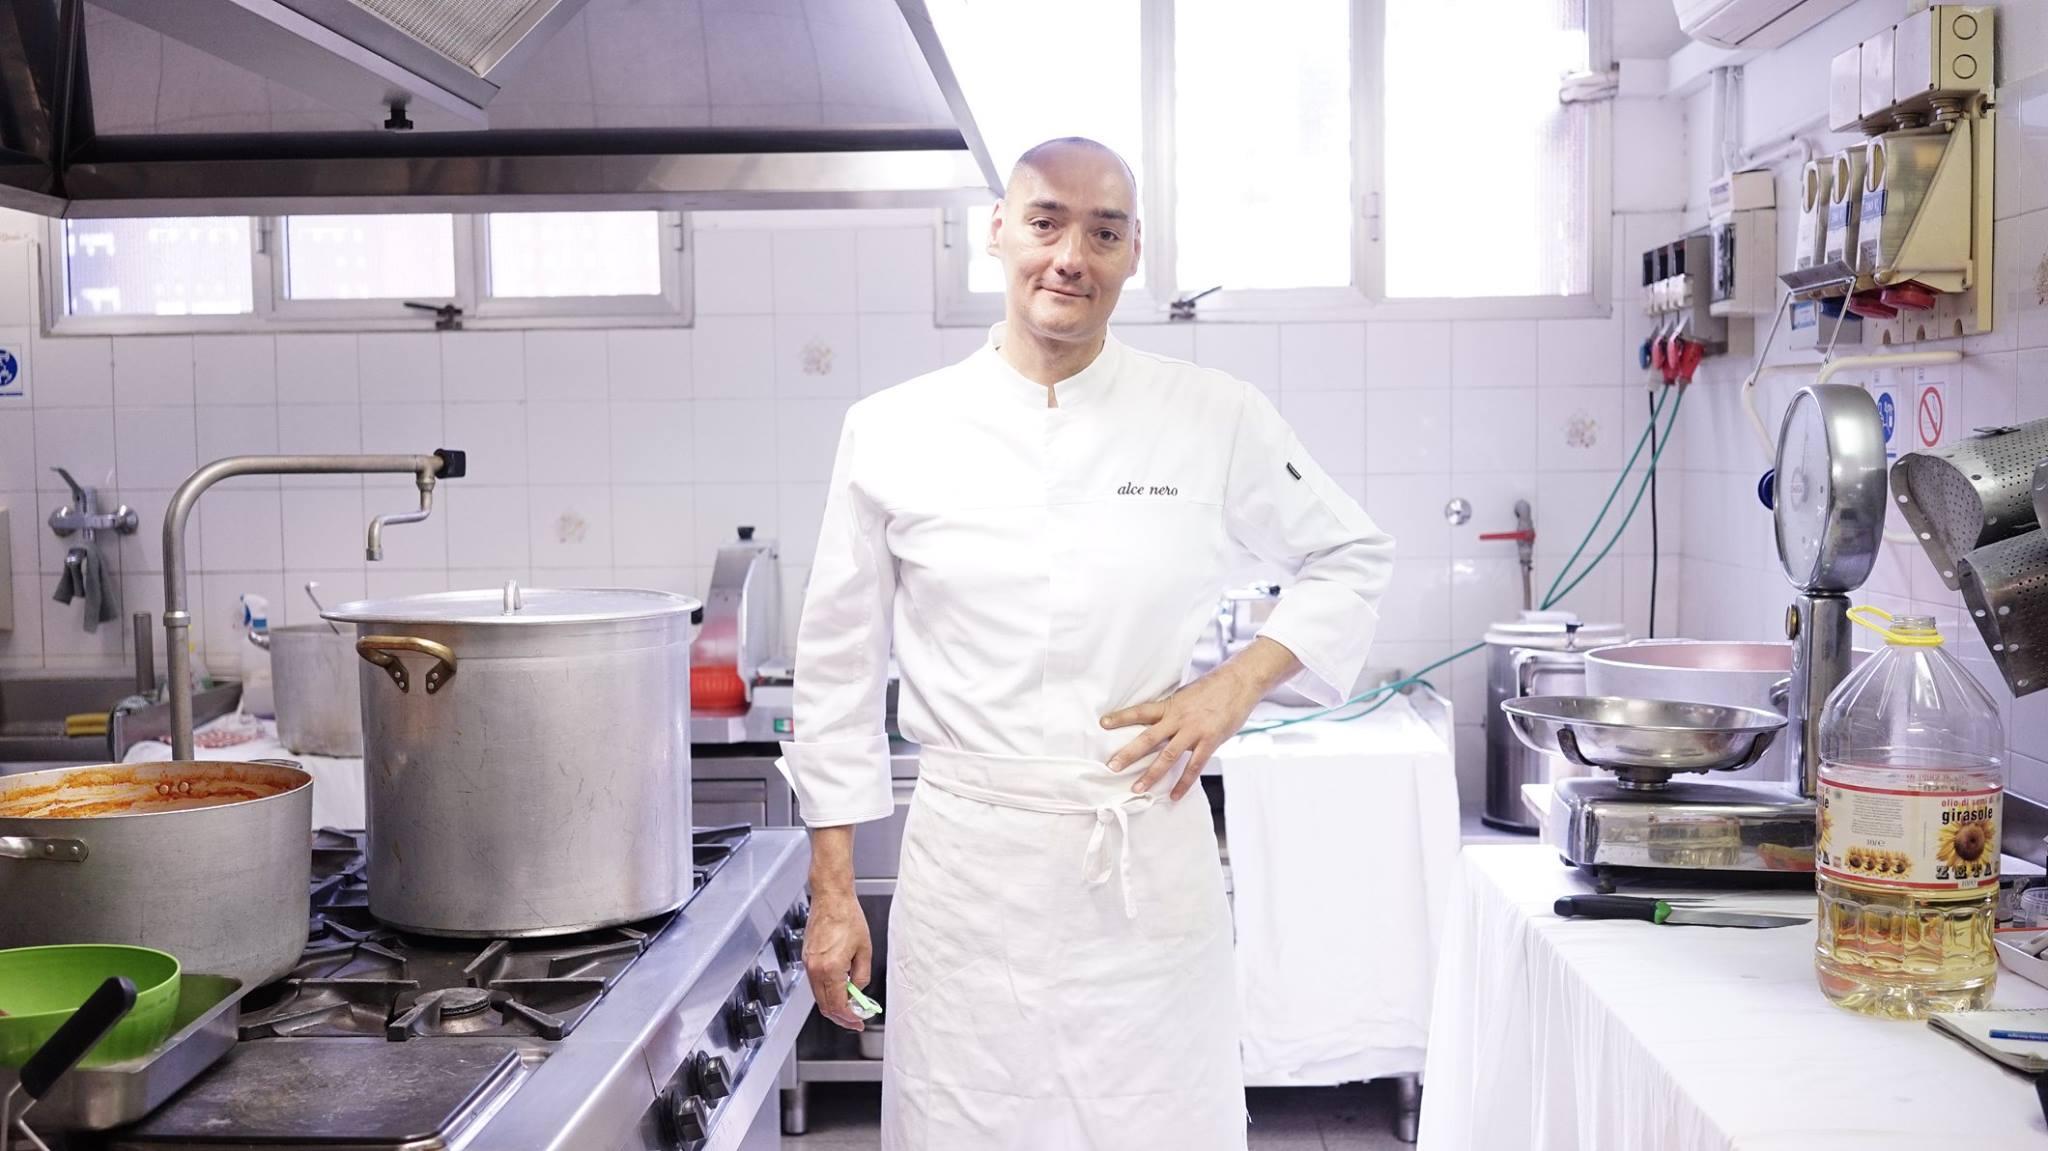 Chef vegano cucina alla mensa dei poveri a Bologna, ma c'è chi si ribella: 'Vogliamo la carne'